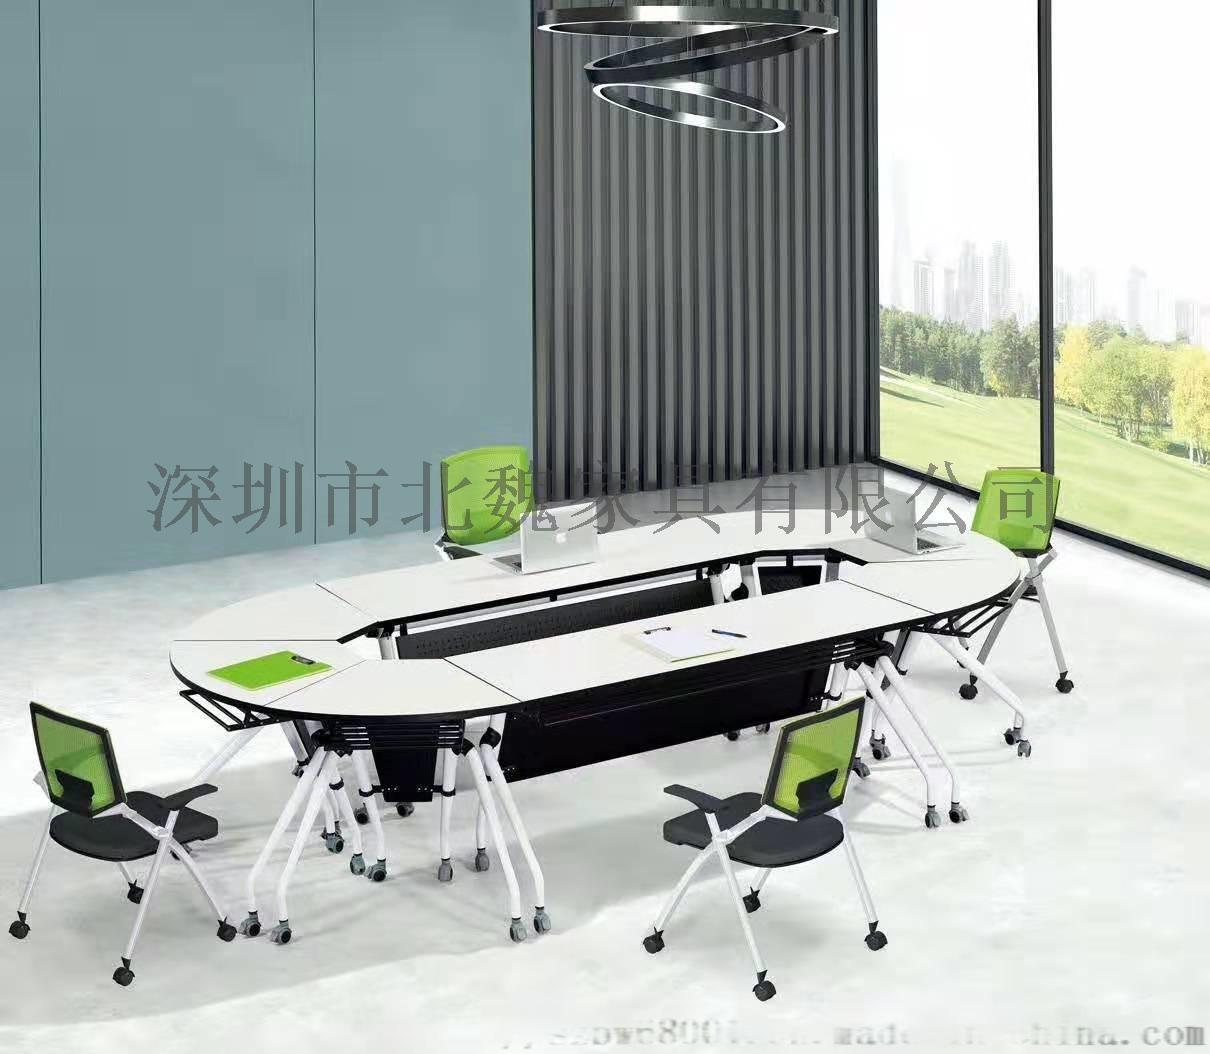 现代折叠培训桌椅-培训班折叠桌椅-可移动拼接桌椅123031675